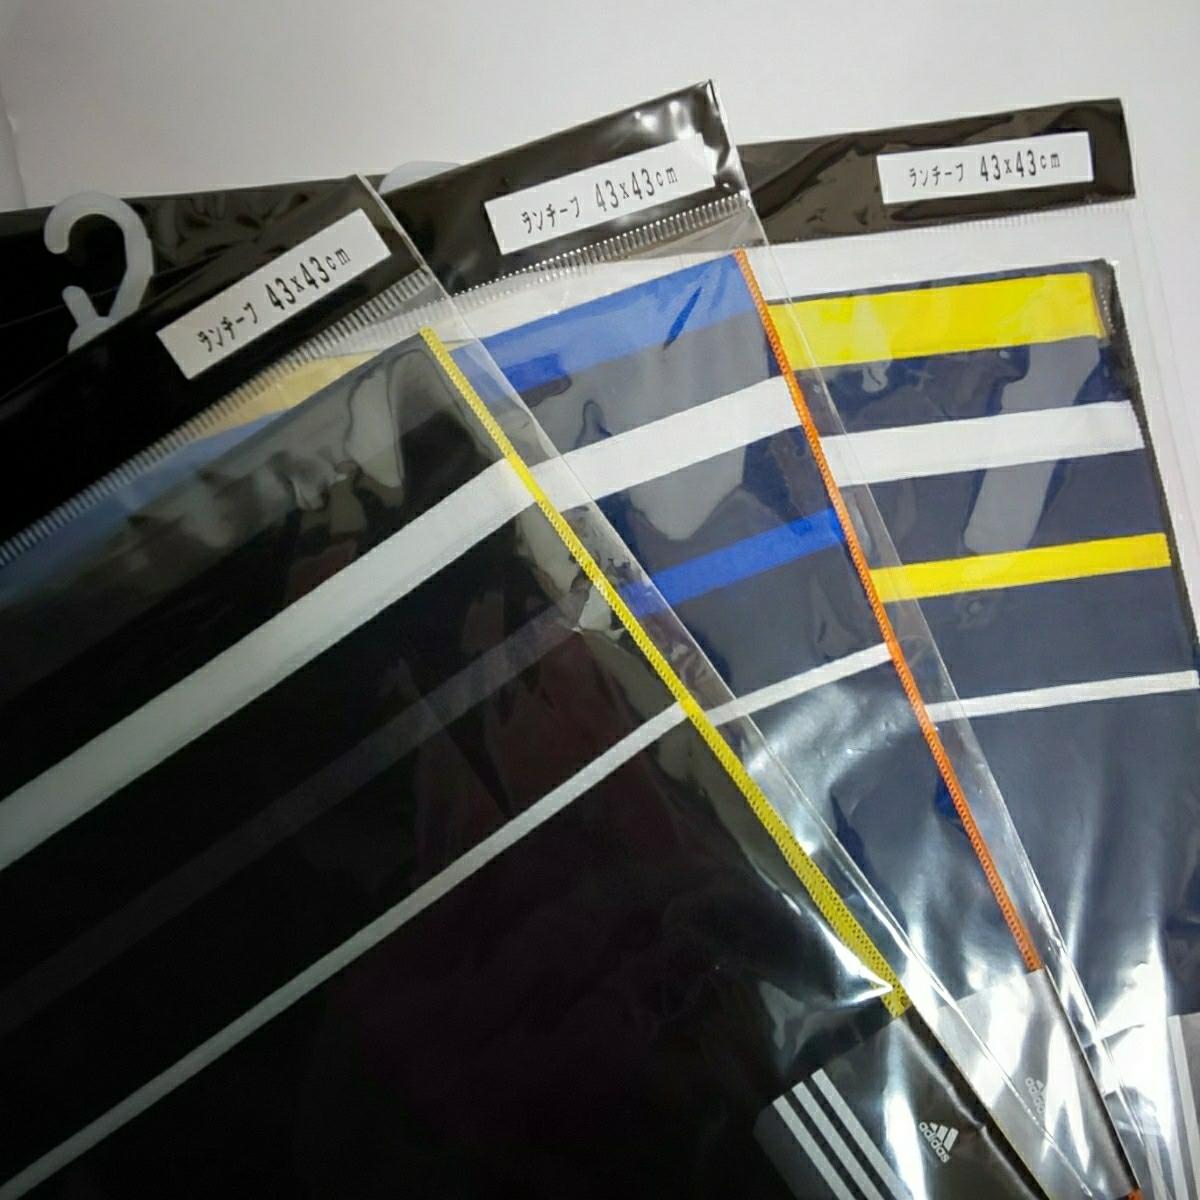 新品 adidas ランチーフ 3枚セット アディダス ランチクロス 給食ナフキンに _画像5